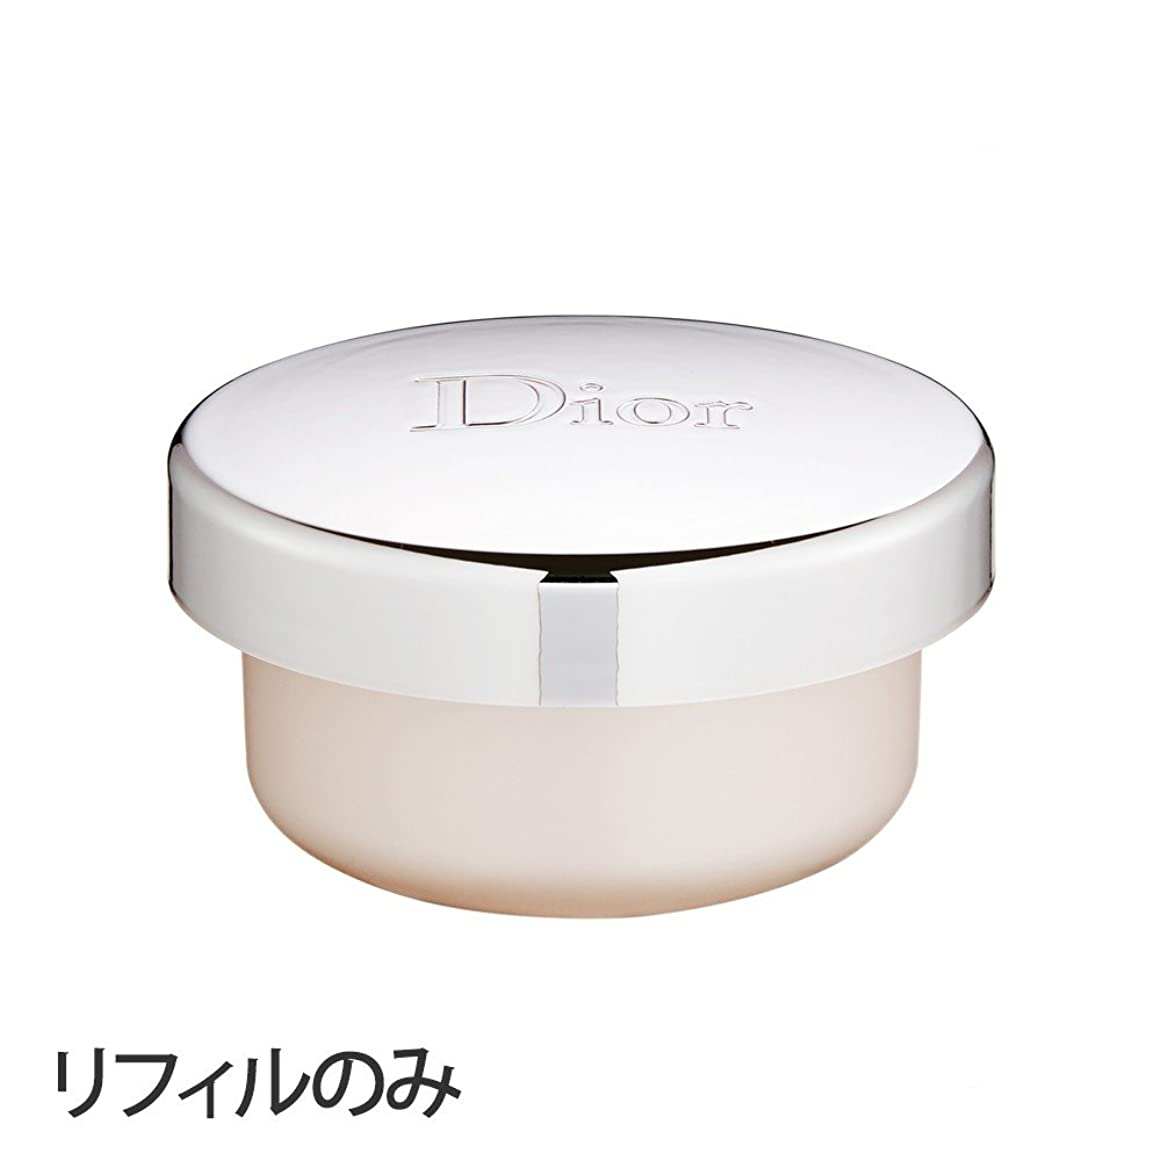 珍味慢牛肉ディオール(Dior) 【リフォルのみ】カプチュール トータル クリーム [並行輸入品]